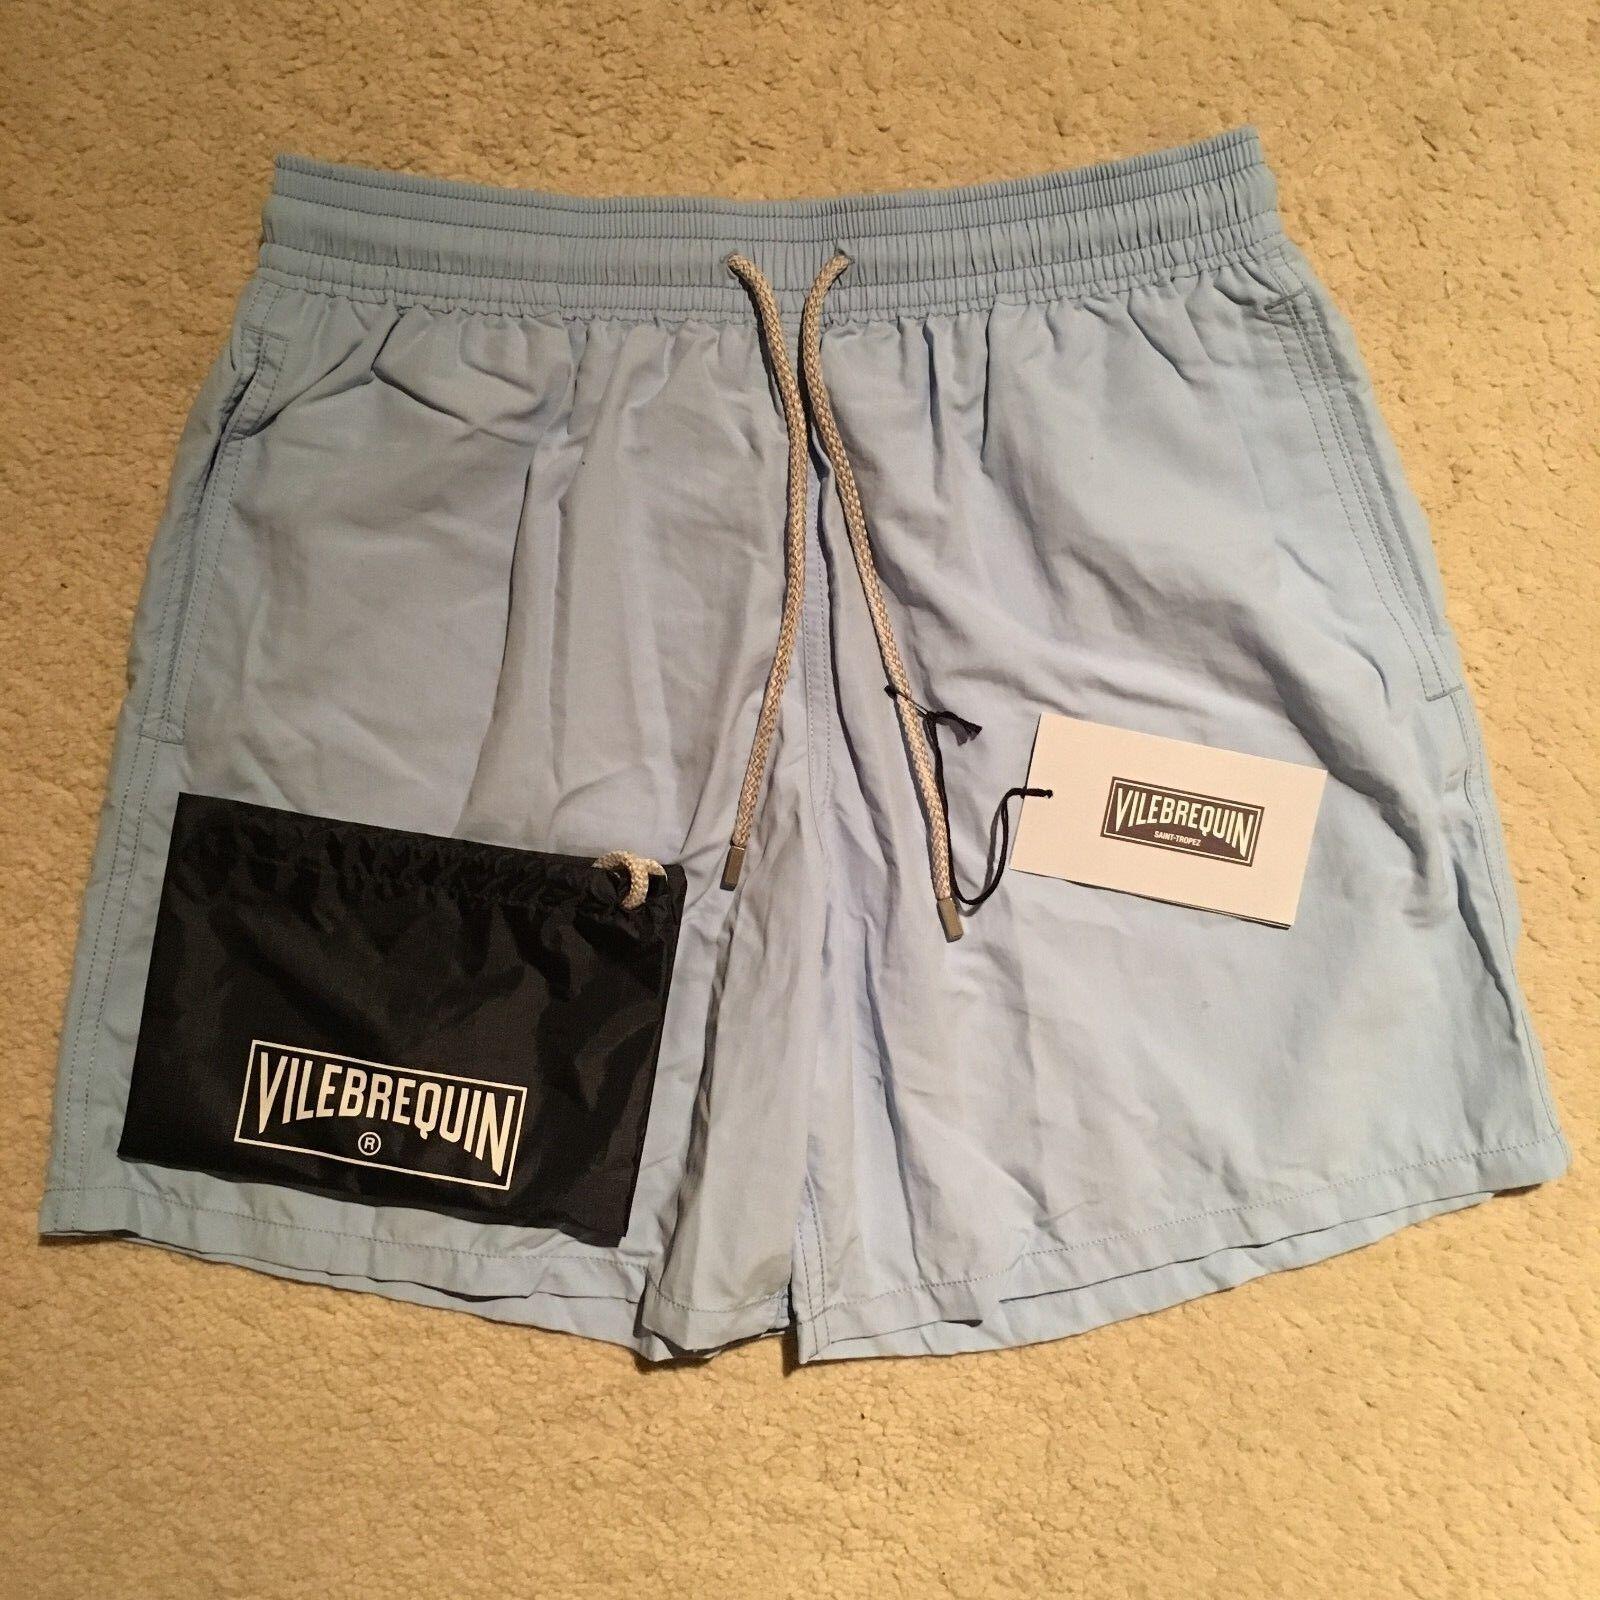 Vilebrequin Moorea Solid Swim Shorts Trunks - blue Ciel RRP .00